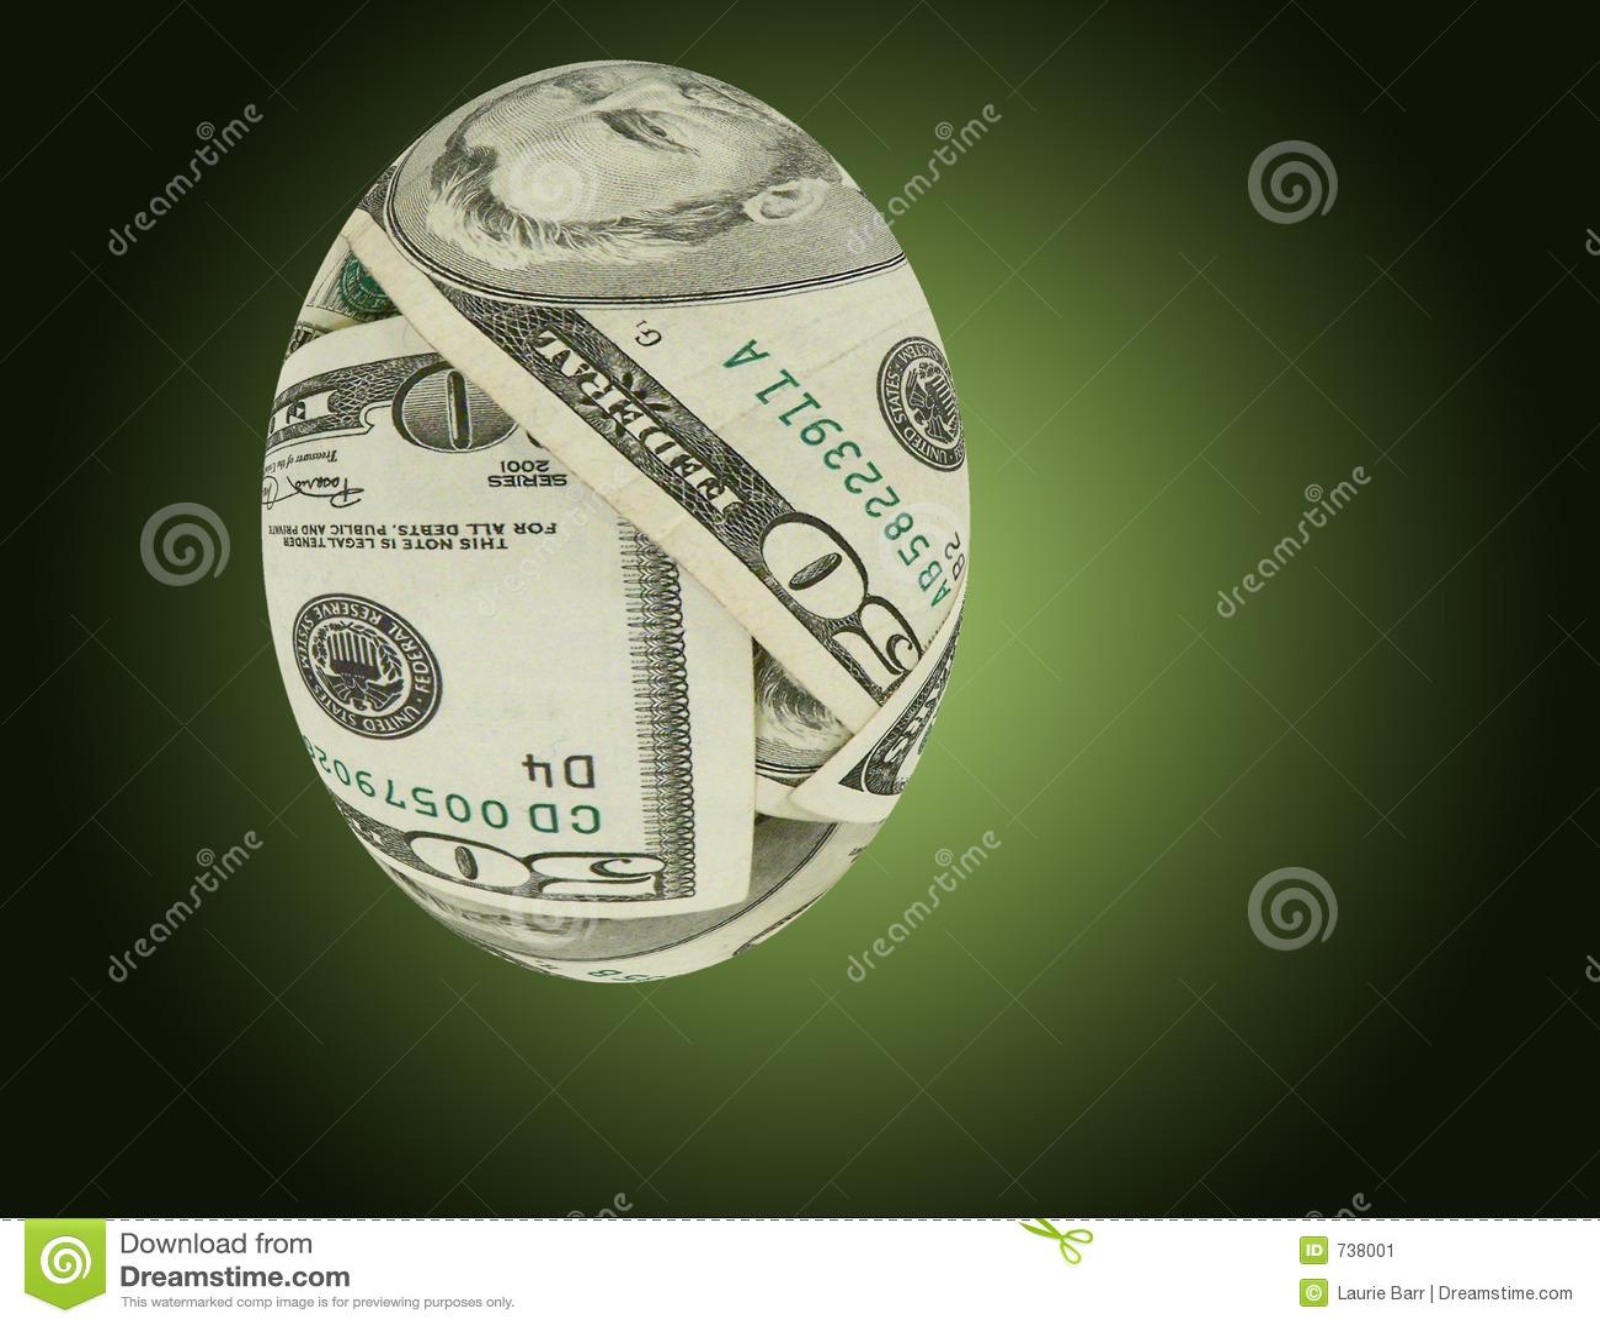 Magot financier